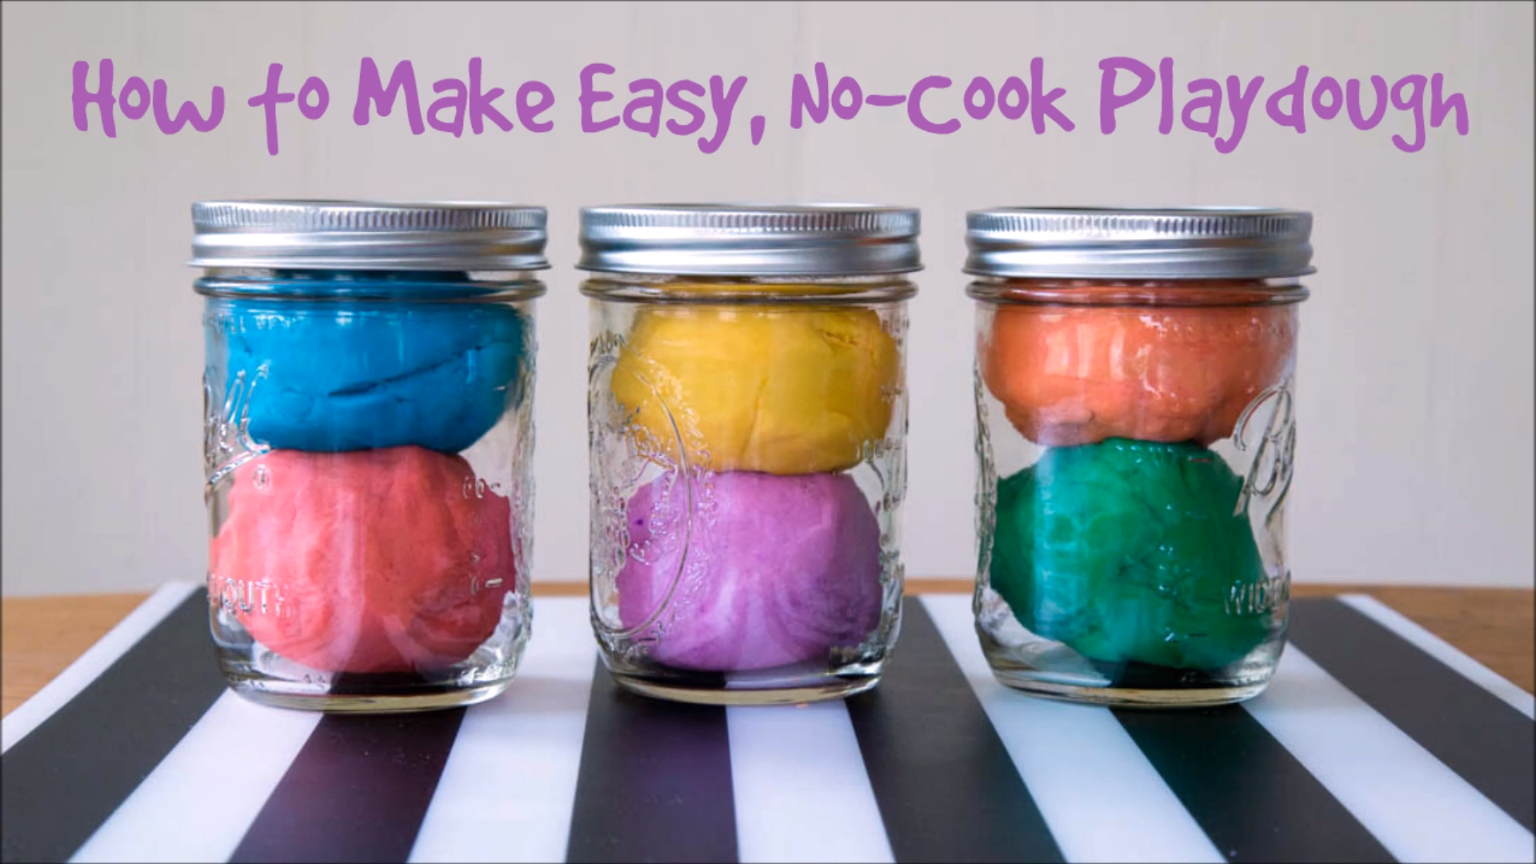 3 Awesome Homemade Playdough Recipes Playdough Ideas for